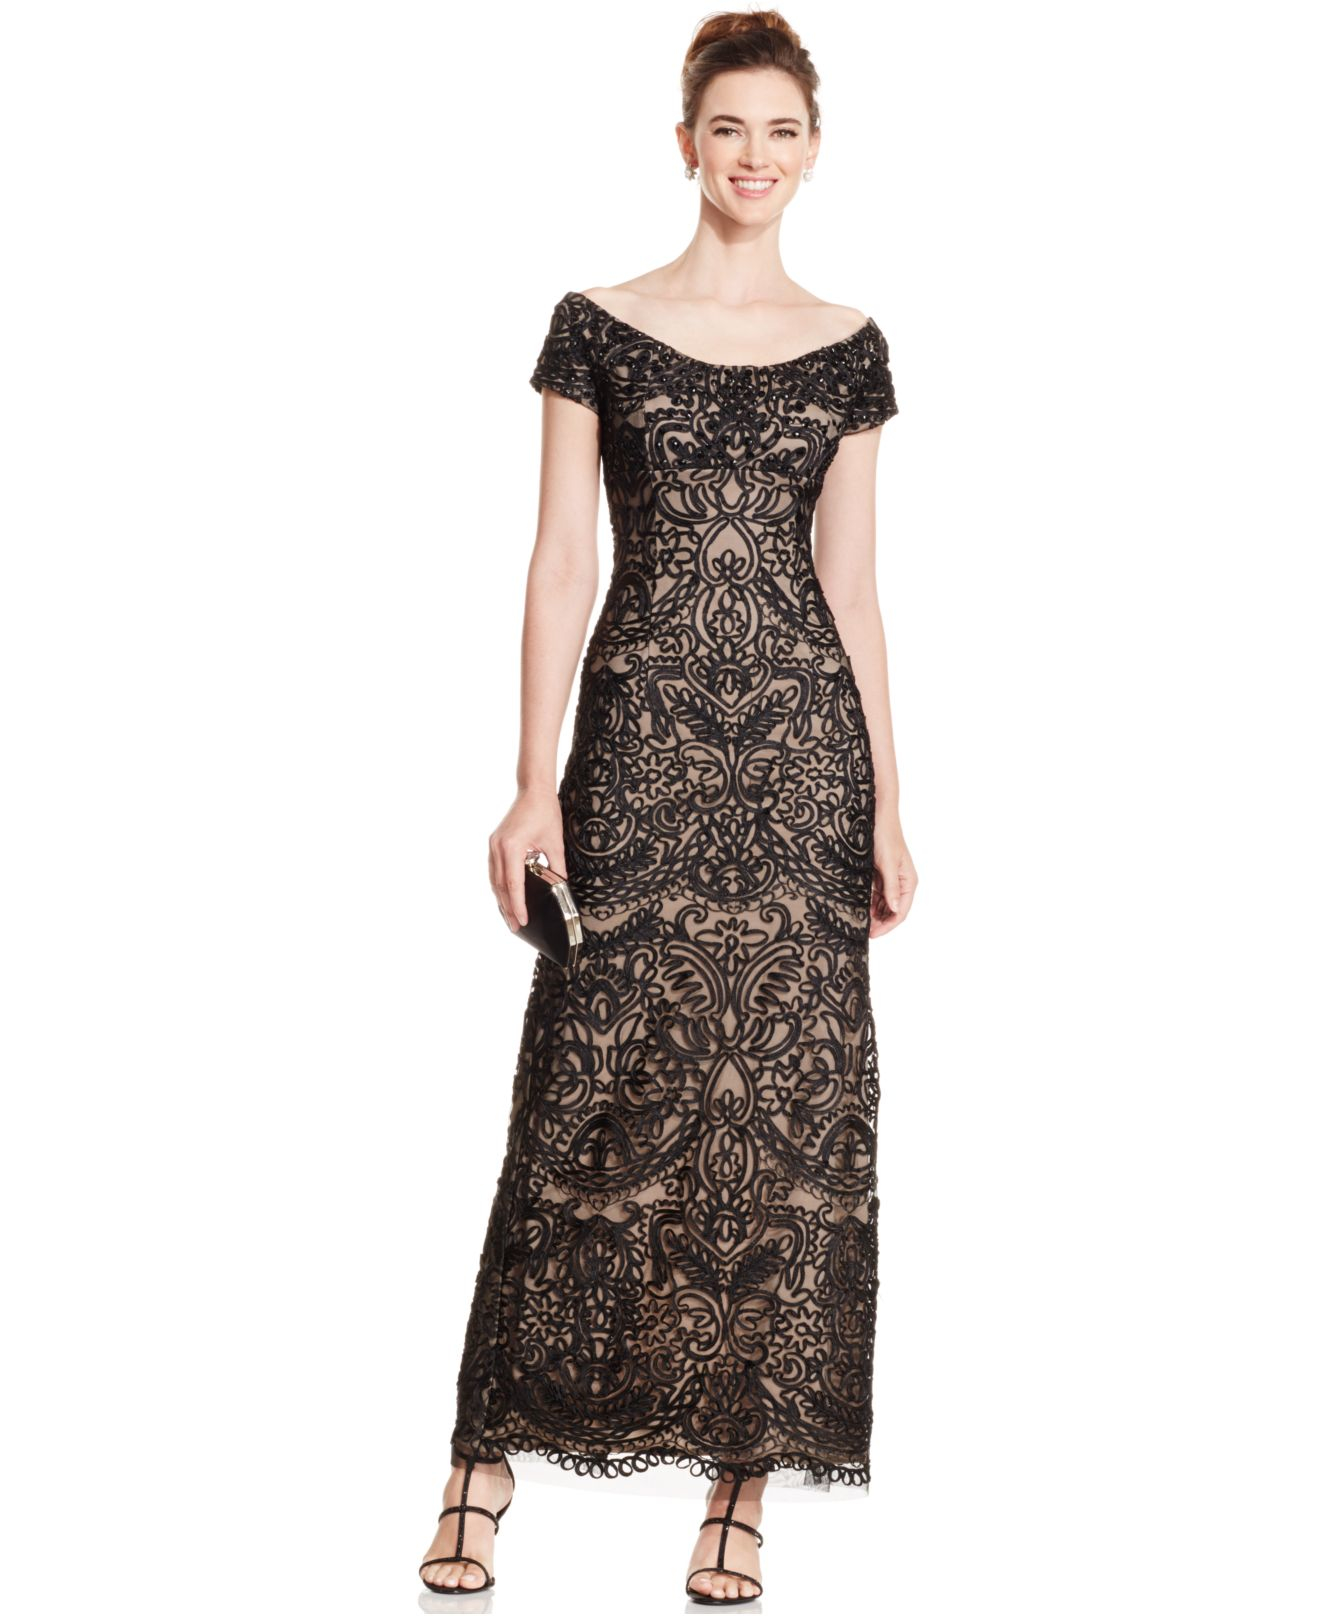 Soutache lace dress